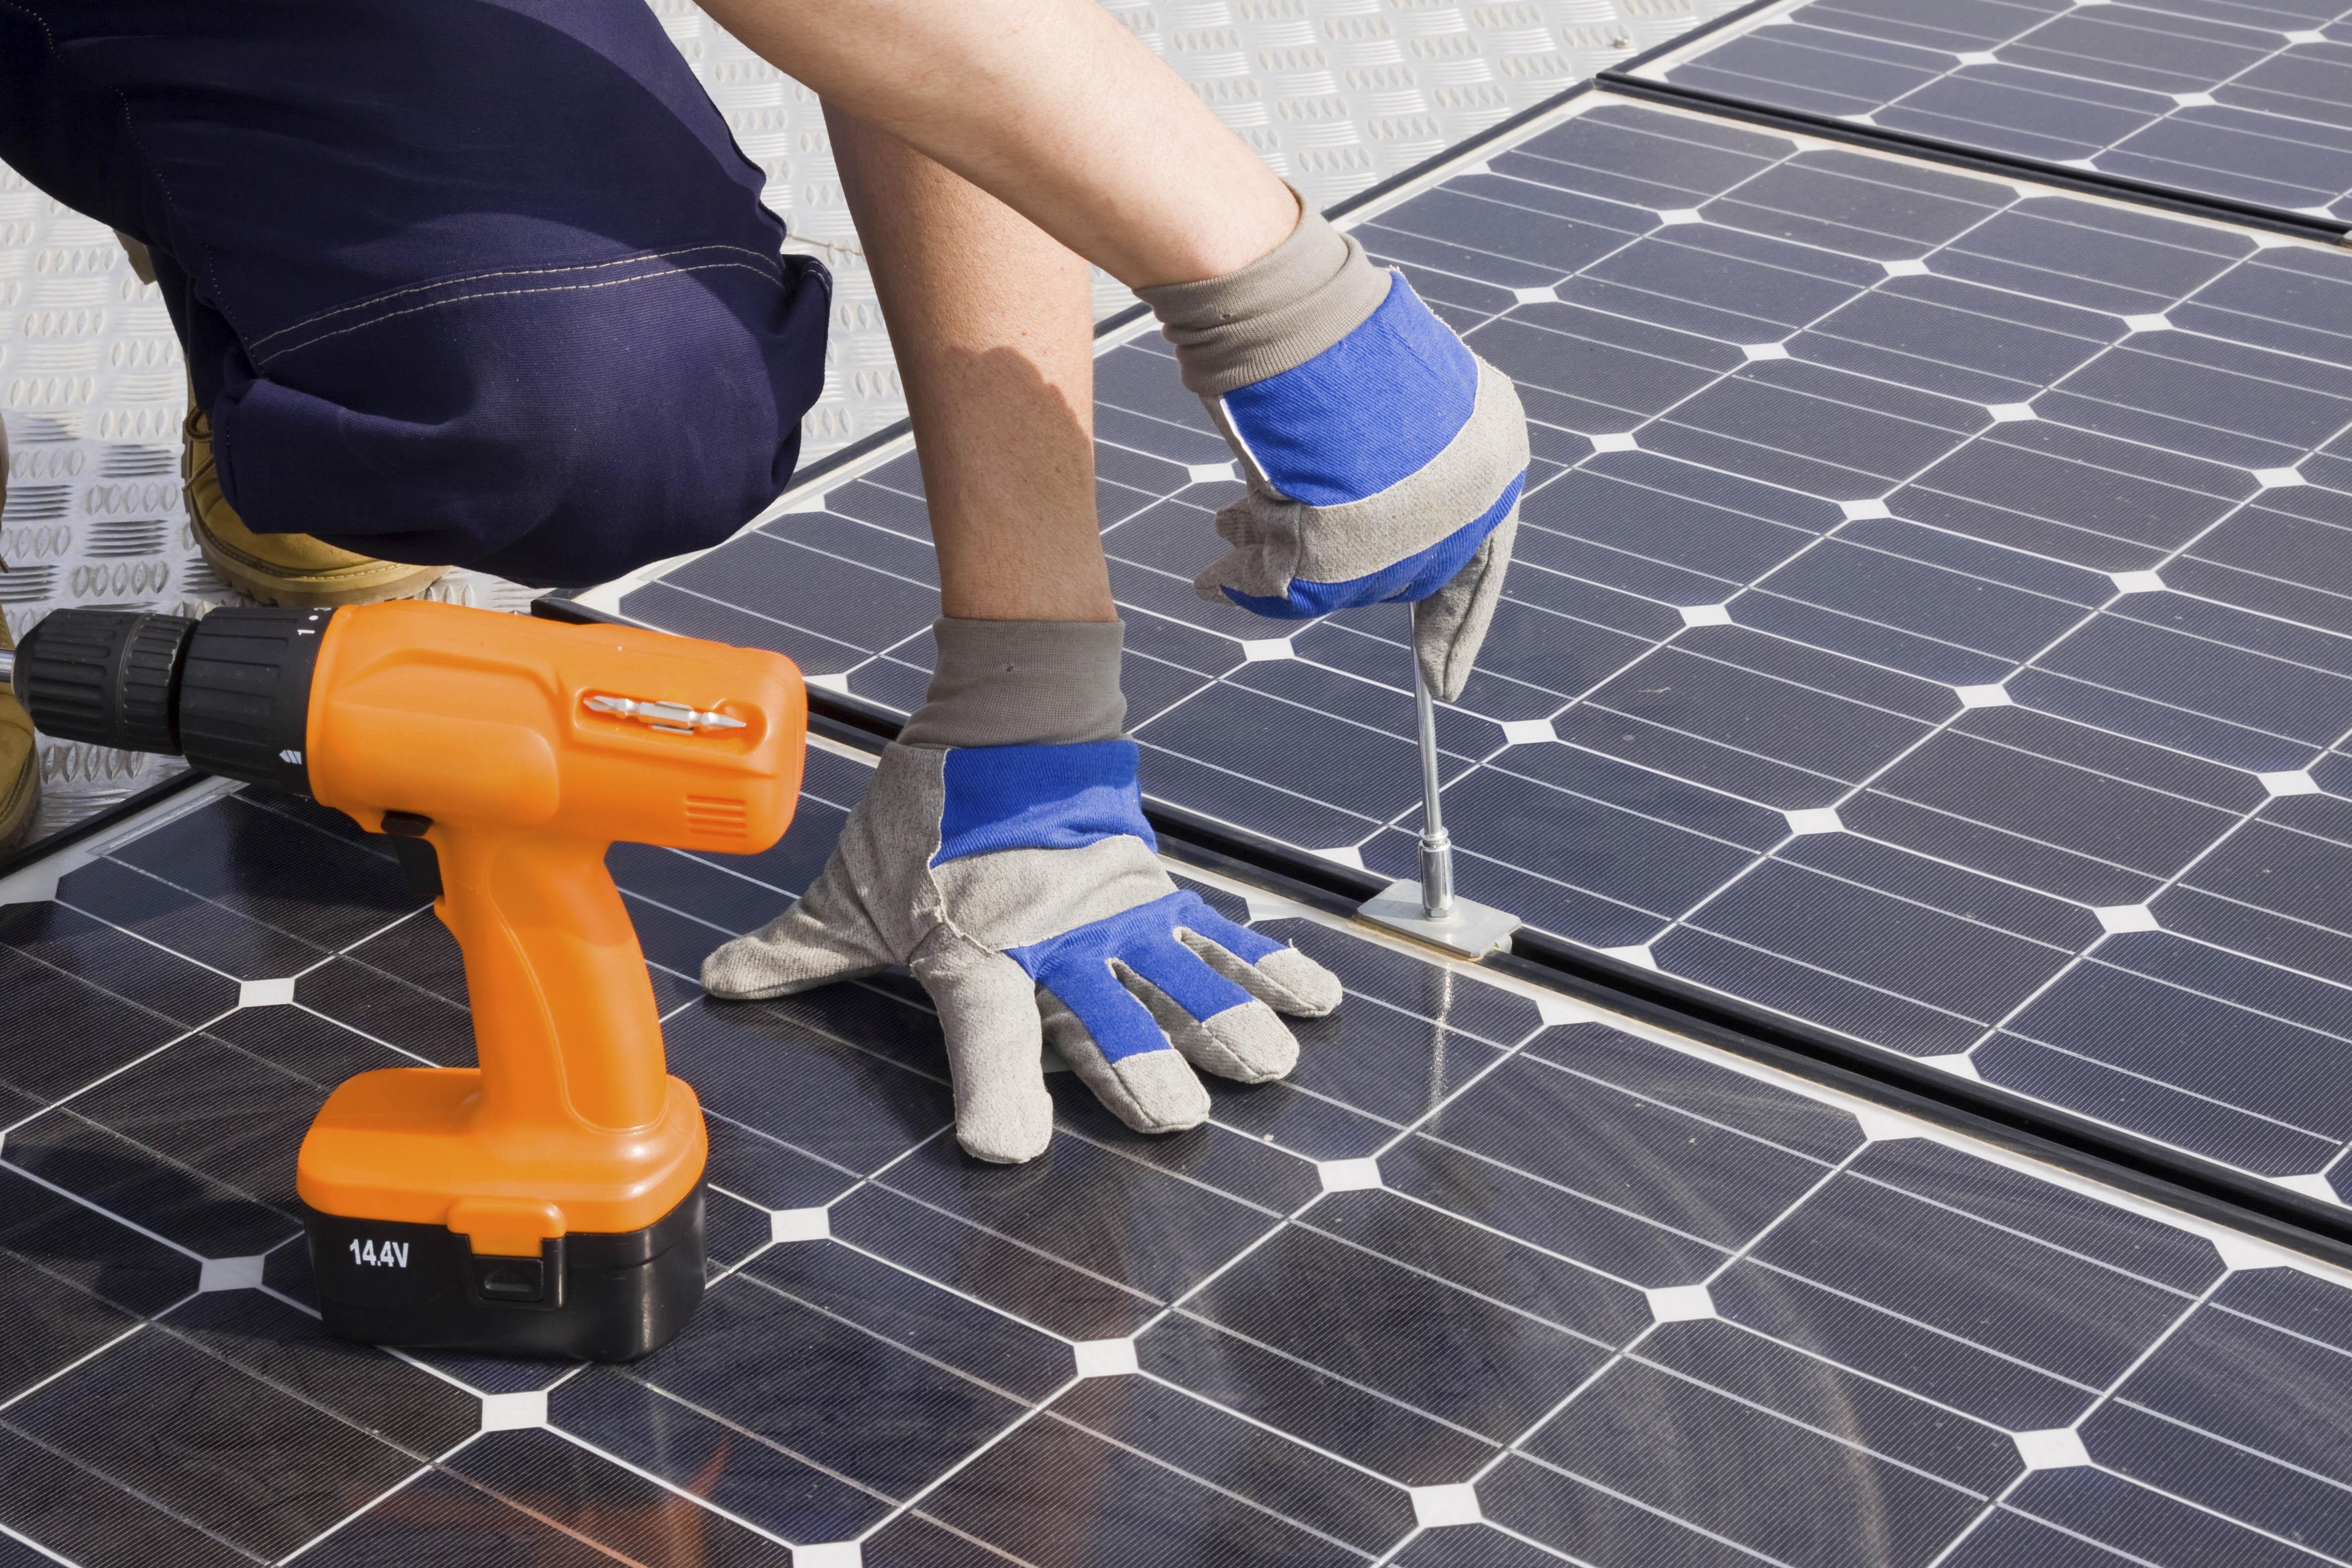 Diy Solar Electricity Clean Energy Ideas